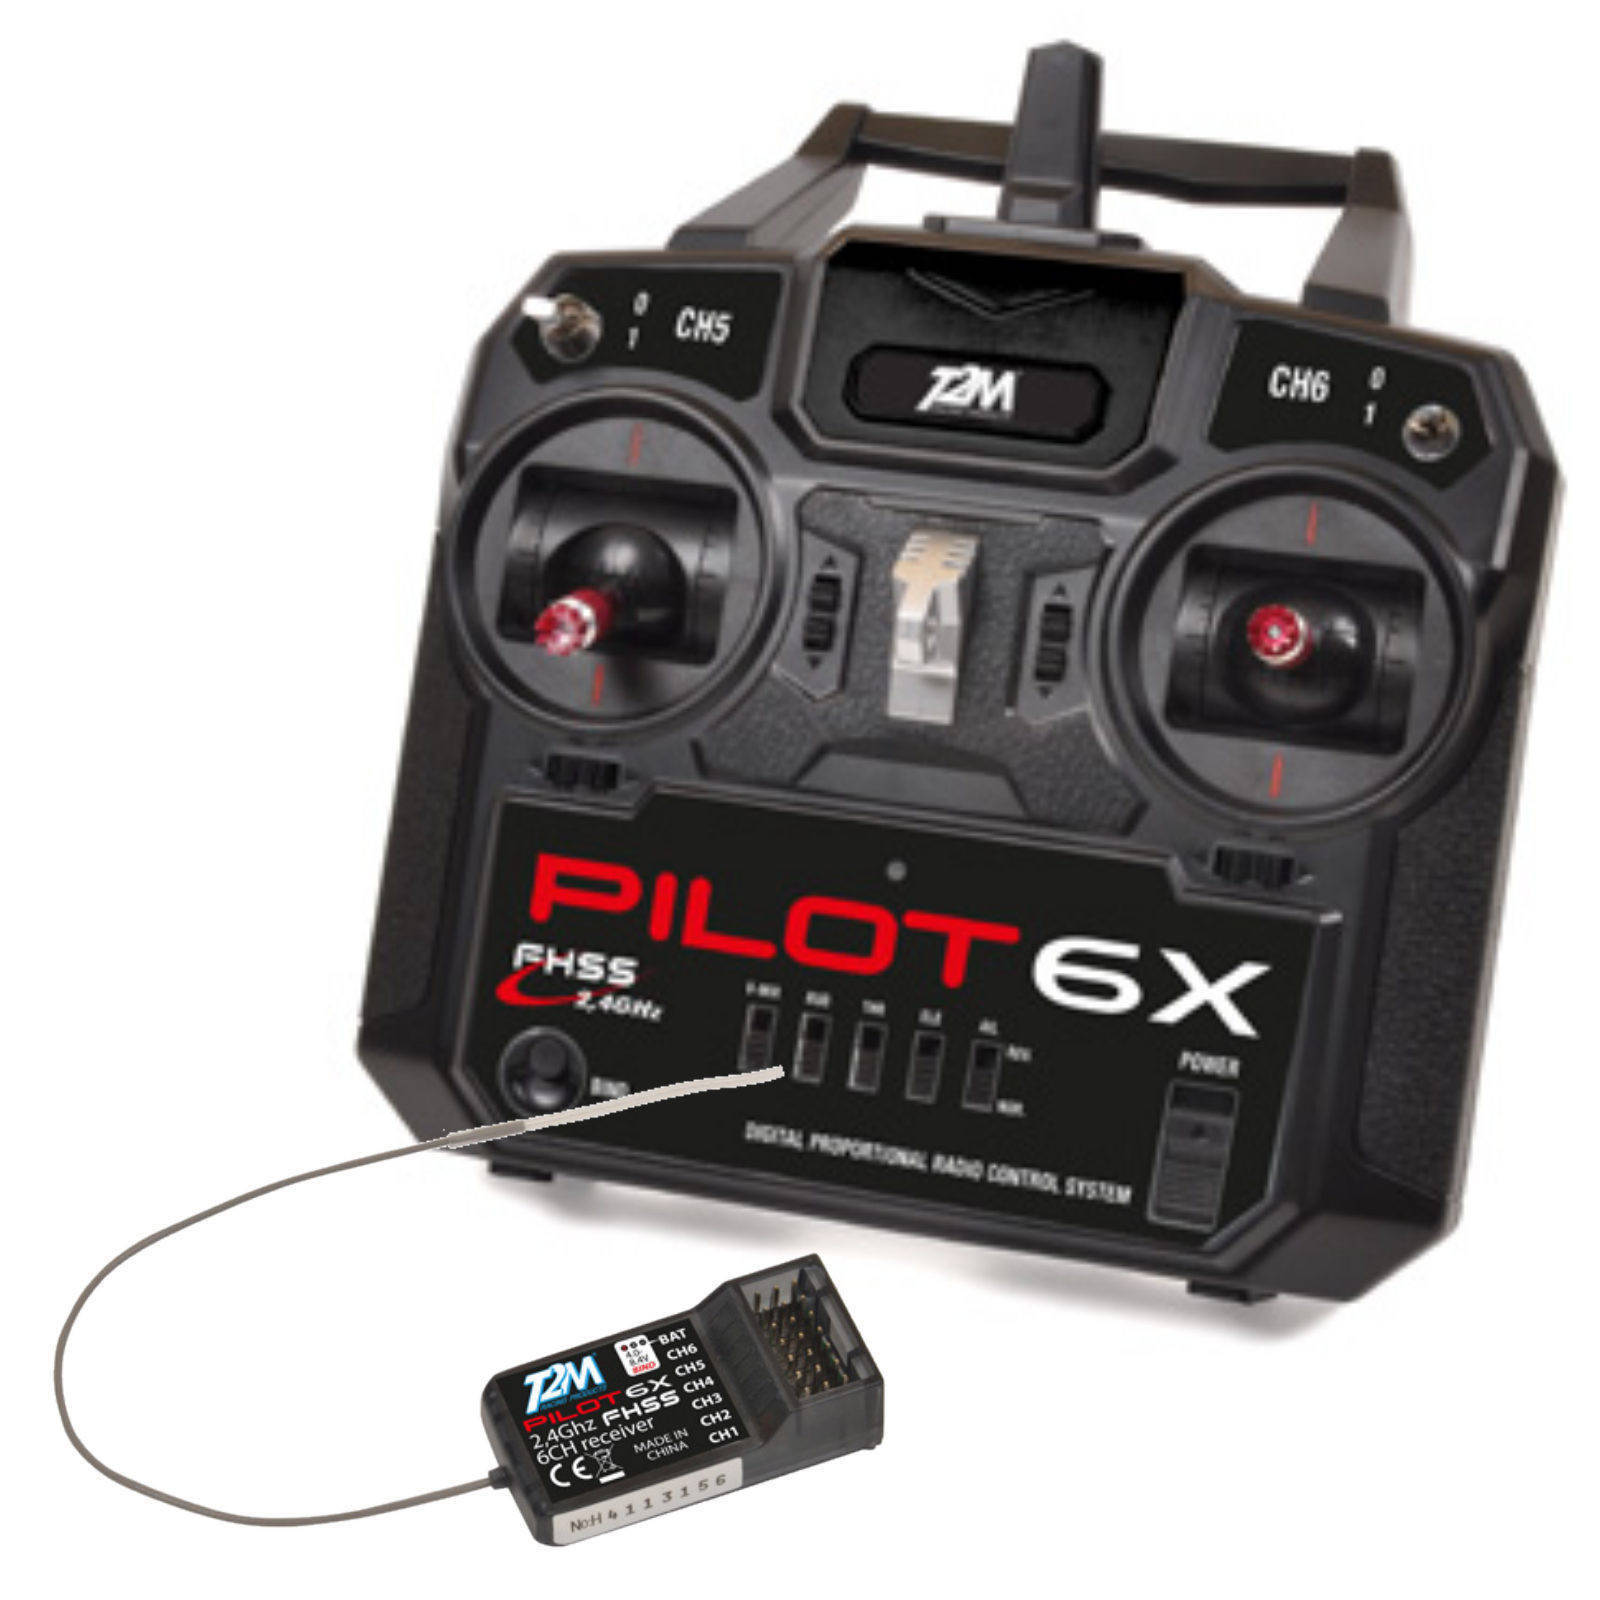 T2m t3424a 6 canali billette telecomando pilota 6x Delta Mix funzione + ricevitore